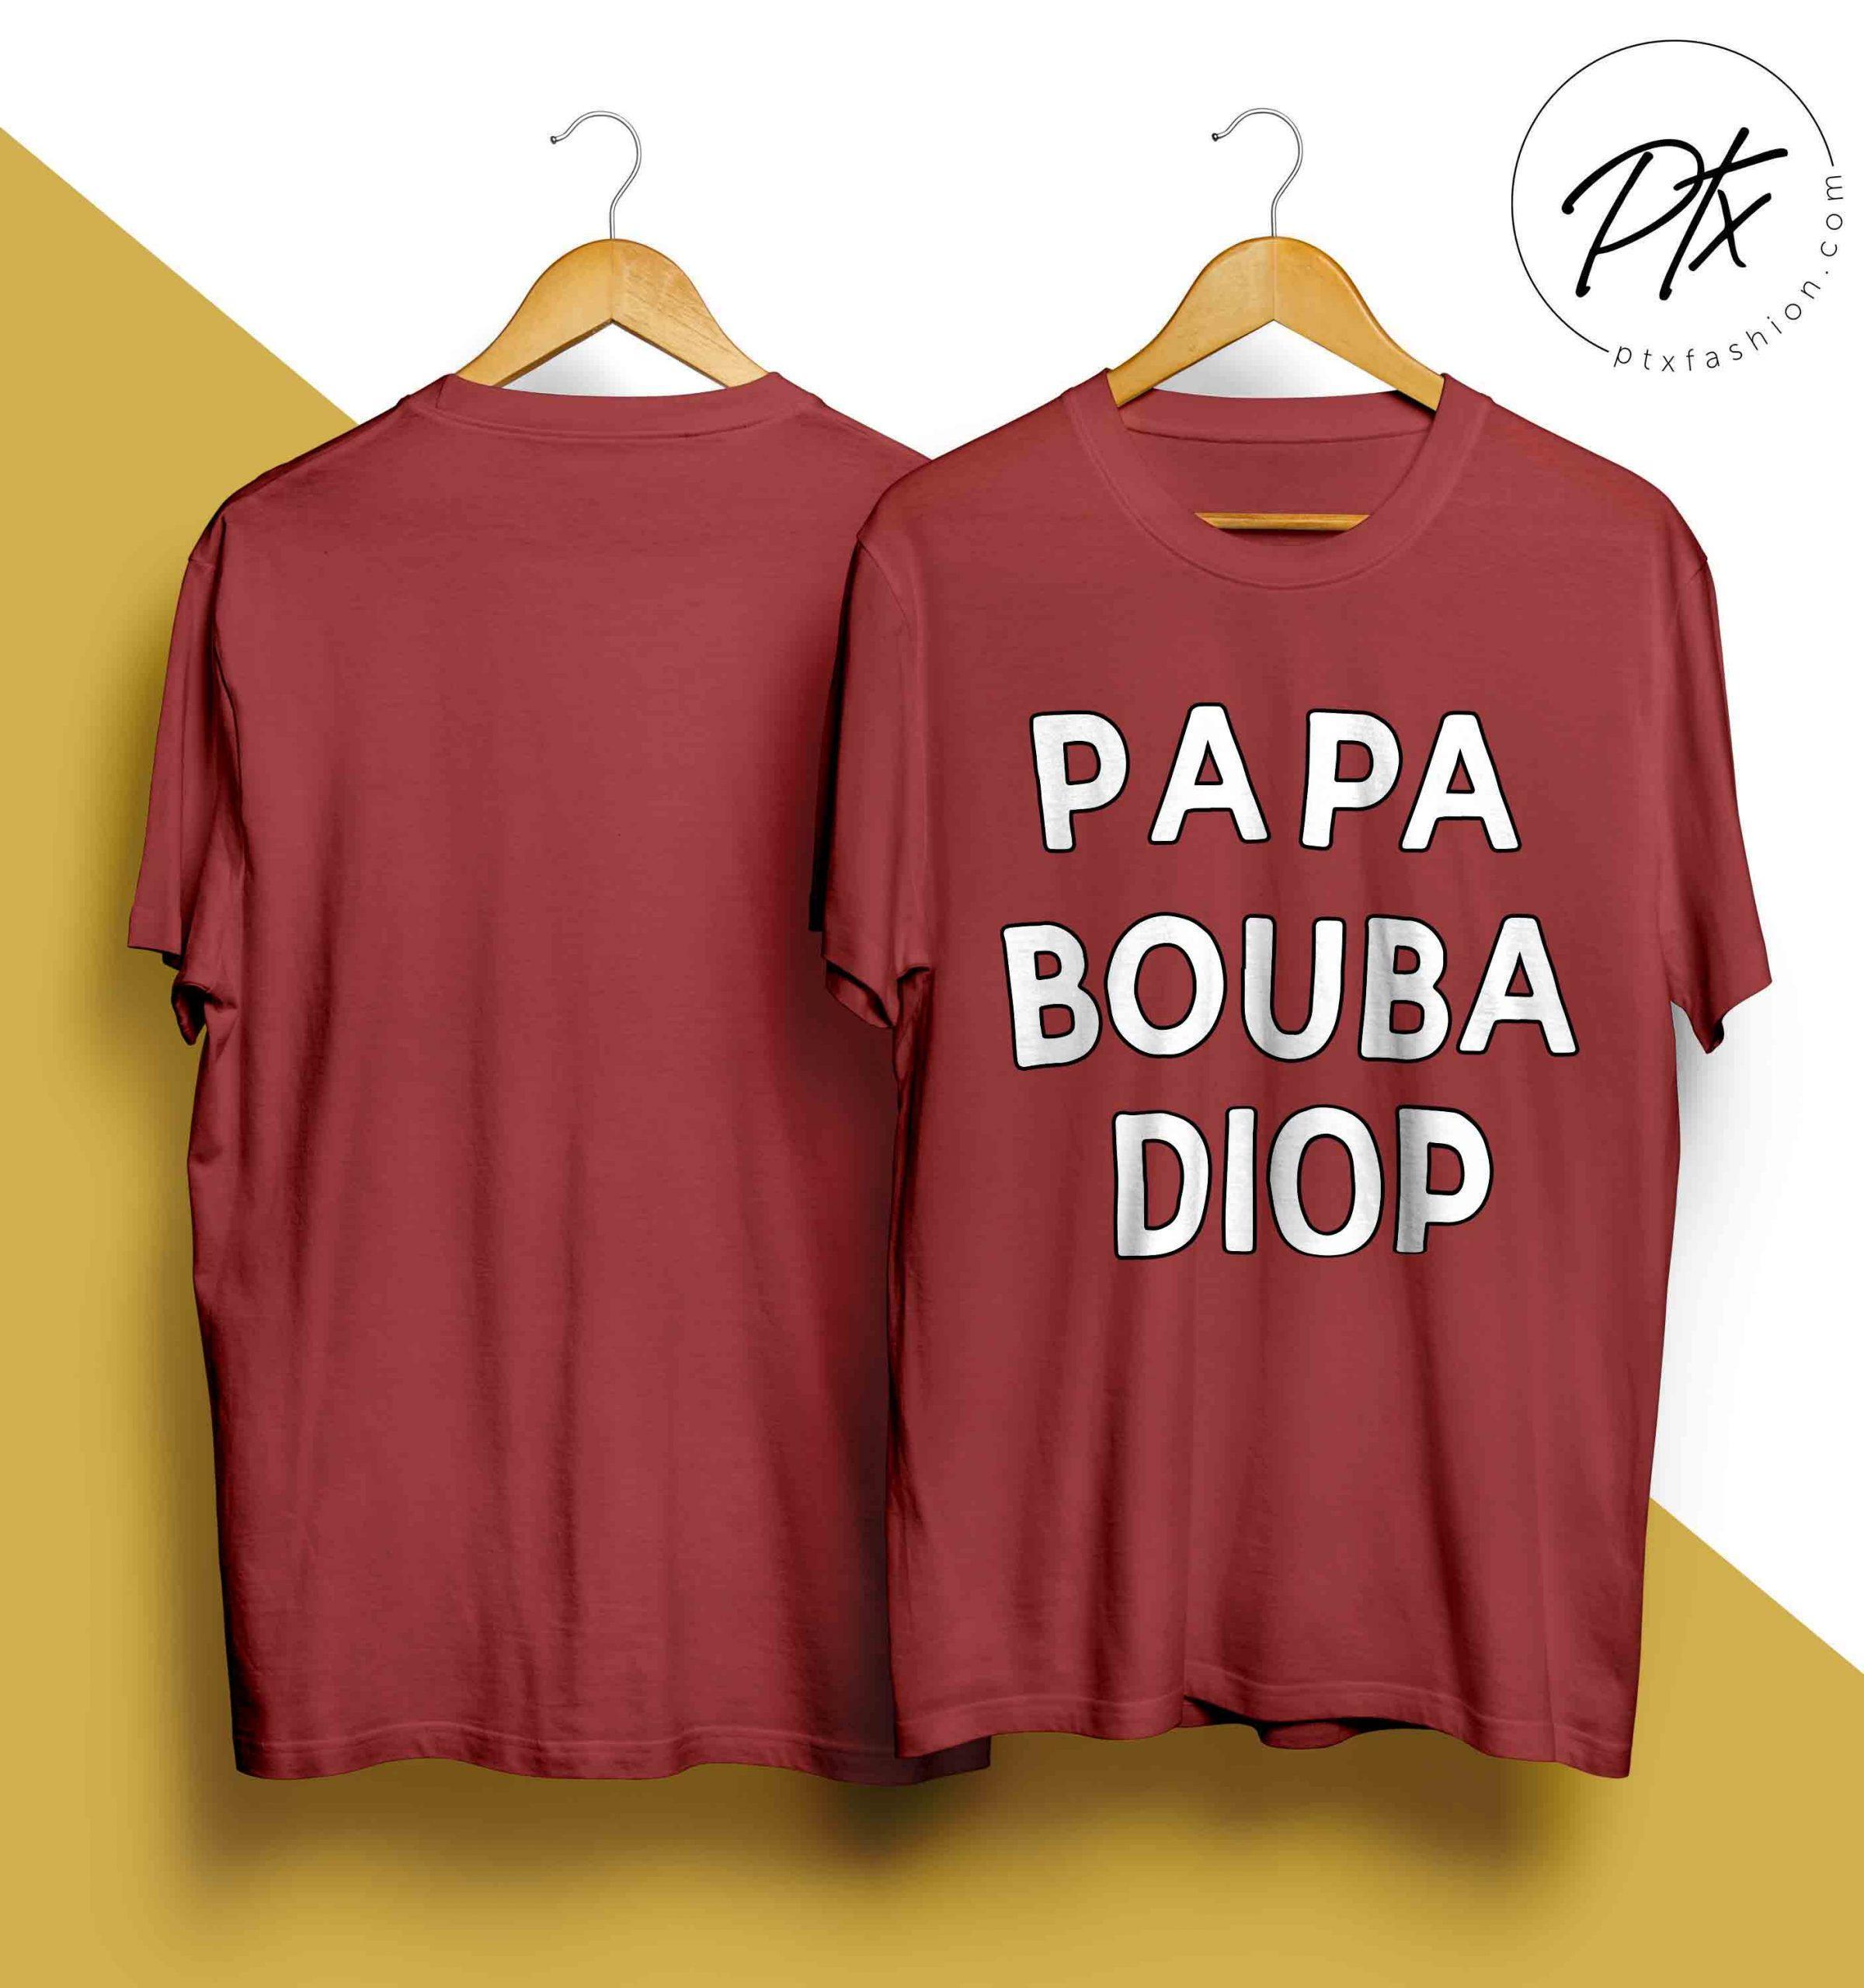 Sadio Mane Papa Bouba Diop Tank Top